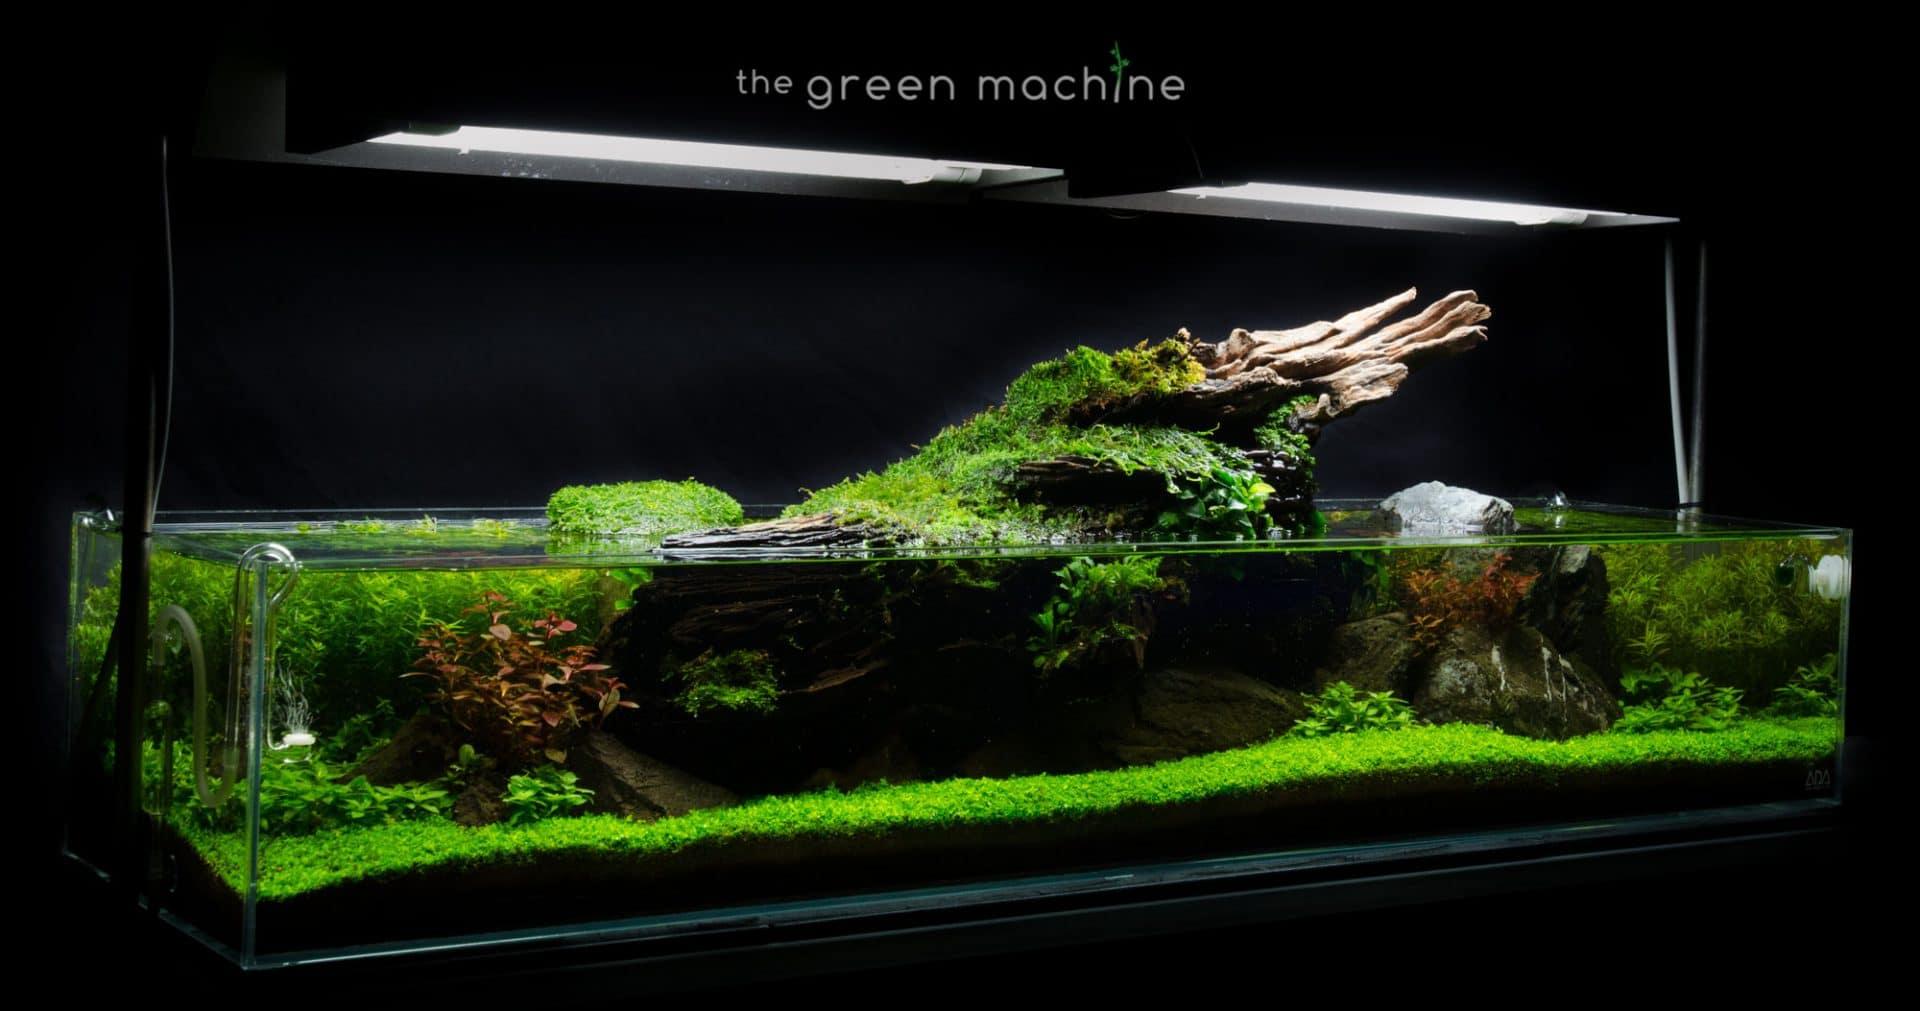 The Green Machine Aquascaping Shop Aquarium Plants Supplies Planted Tank Videos Tutorials Articles